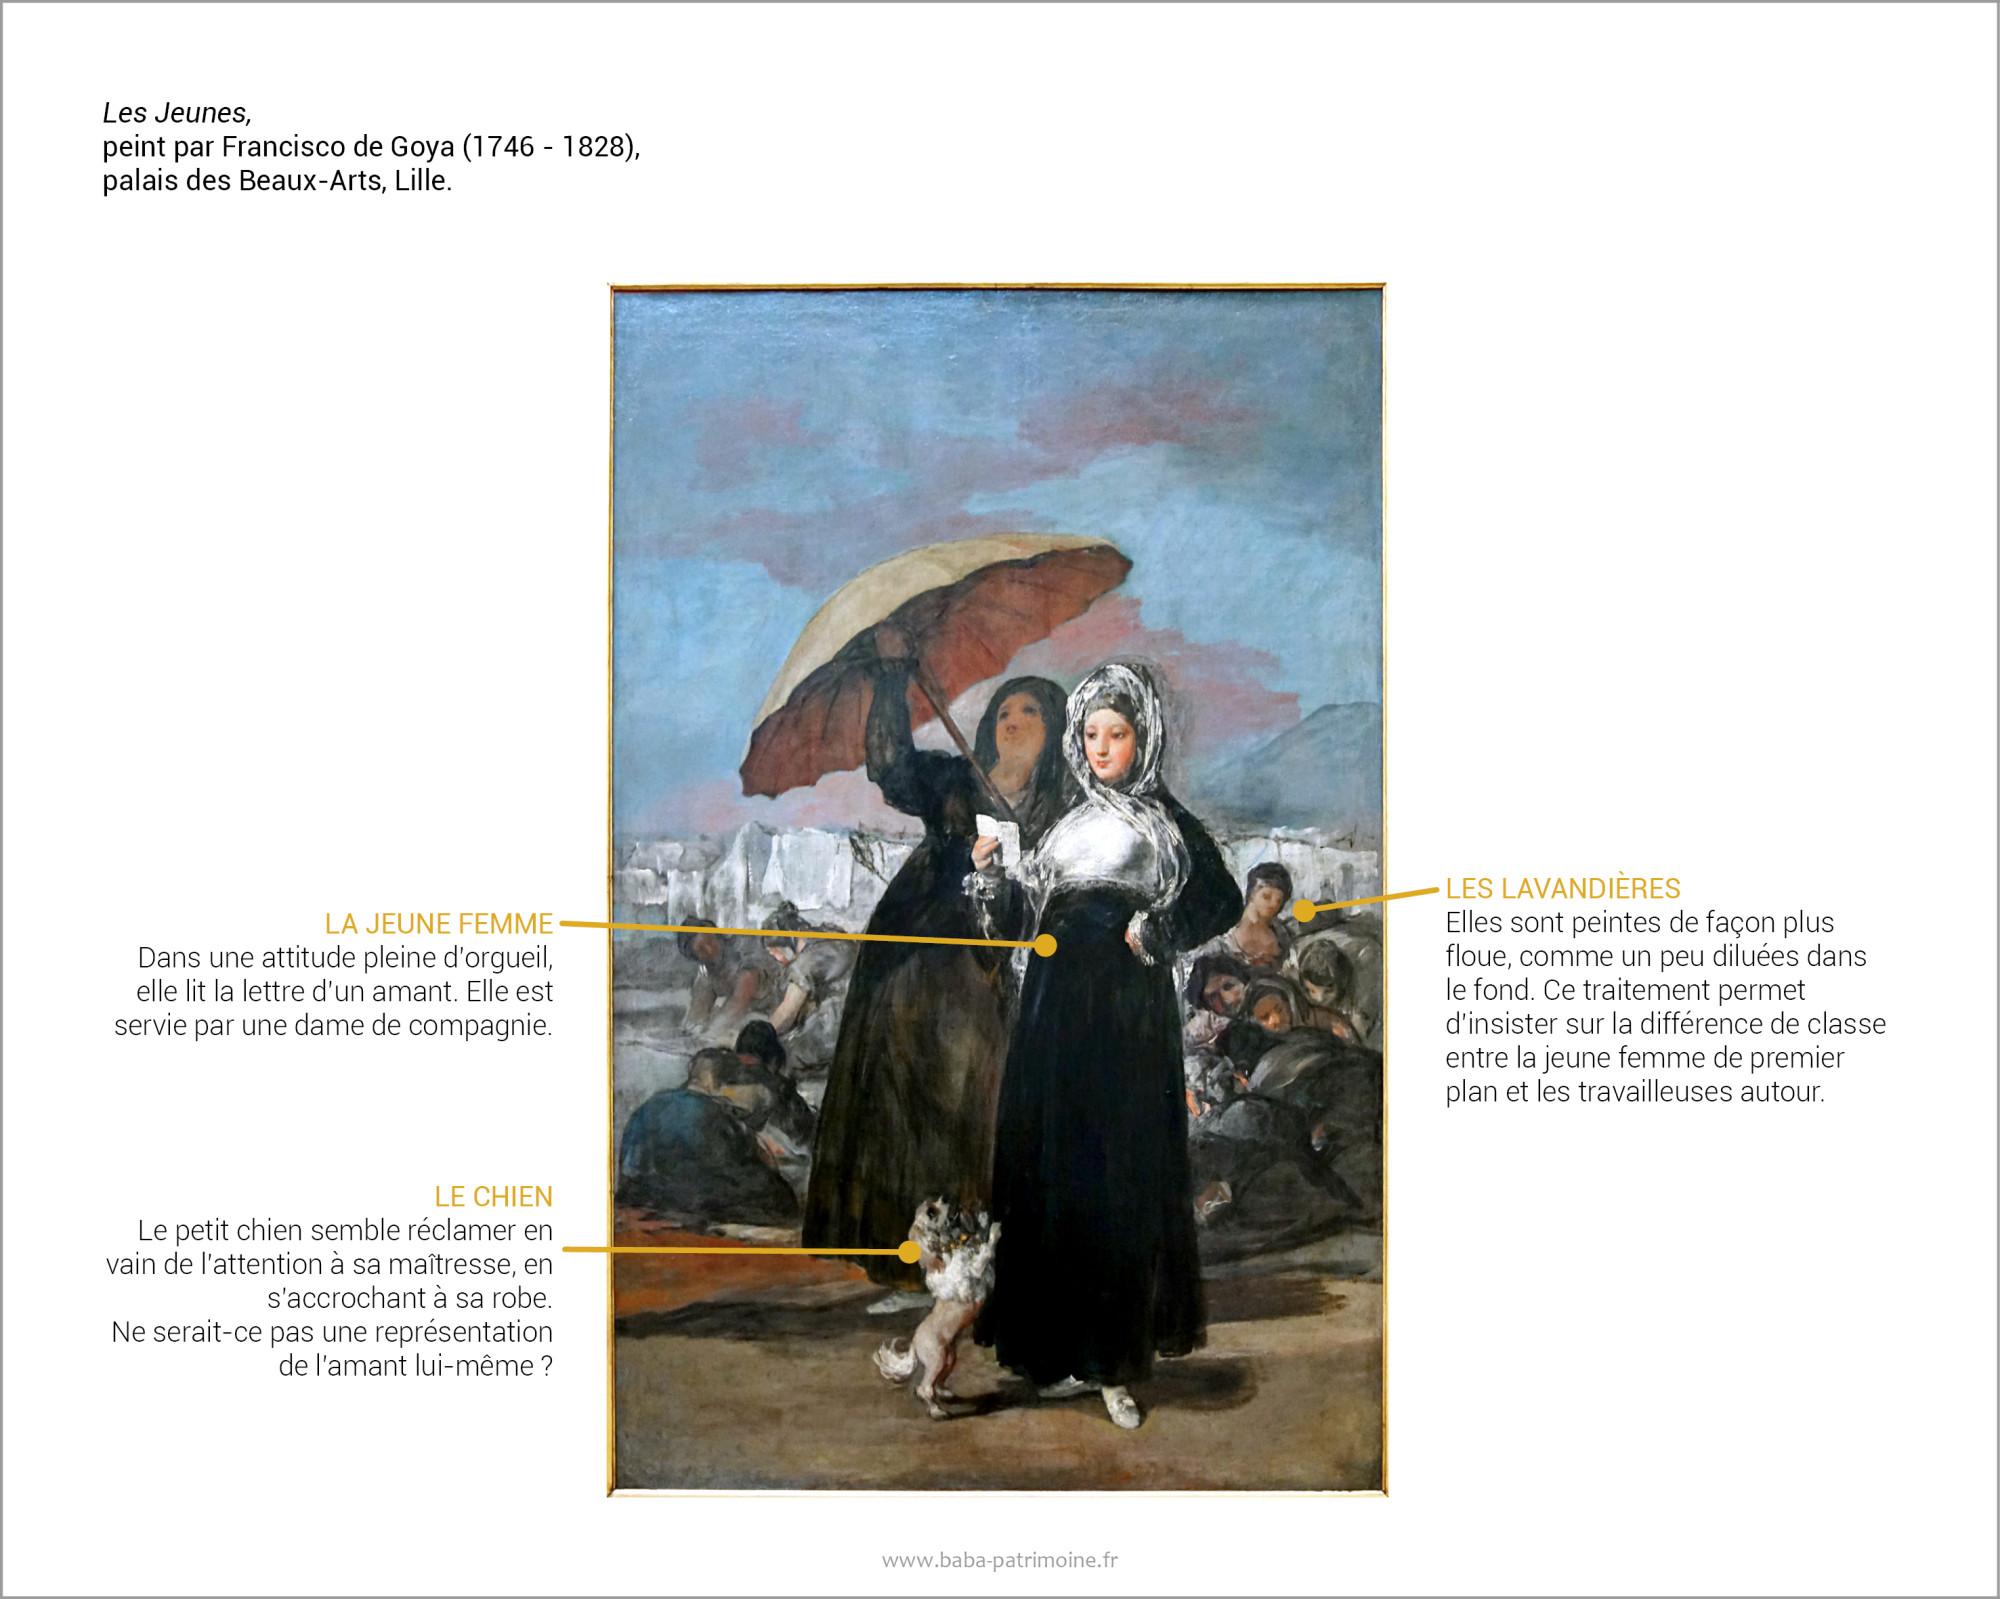 Les Jeunes, peint par Francisco de Goya (1746 - 1828), palais des Beaux-Arts, Lille.